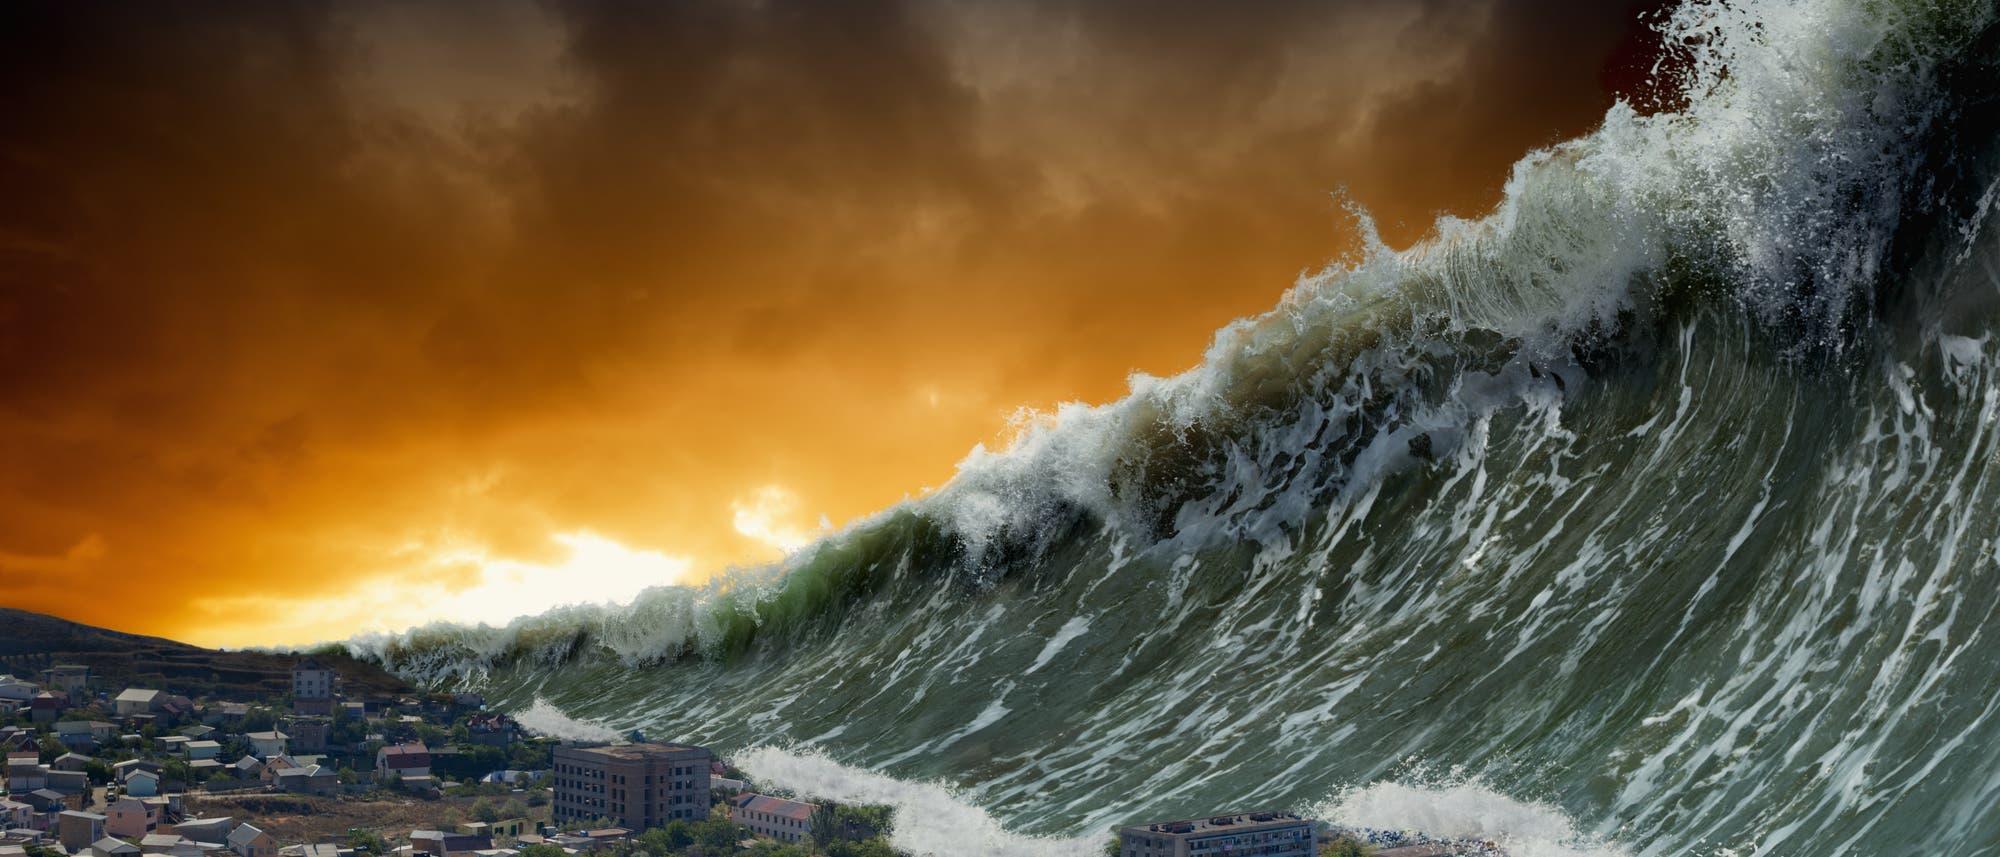 Tsunami – leicht übertriebene Darstellung